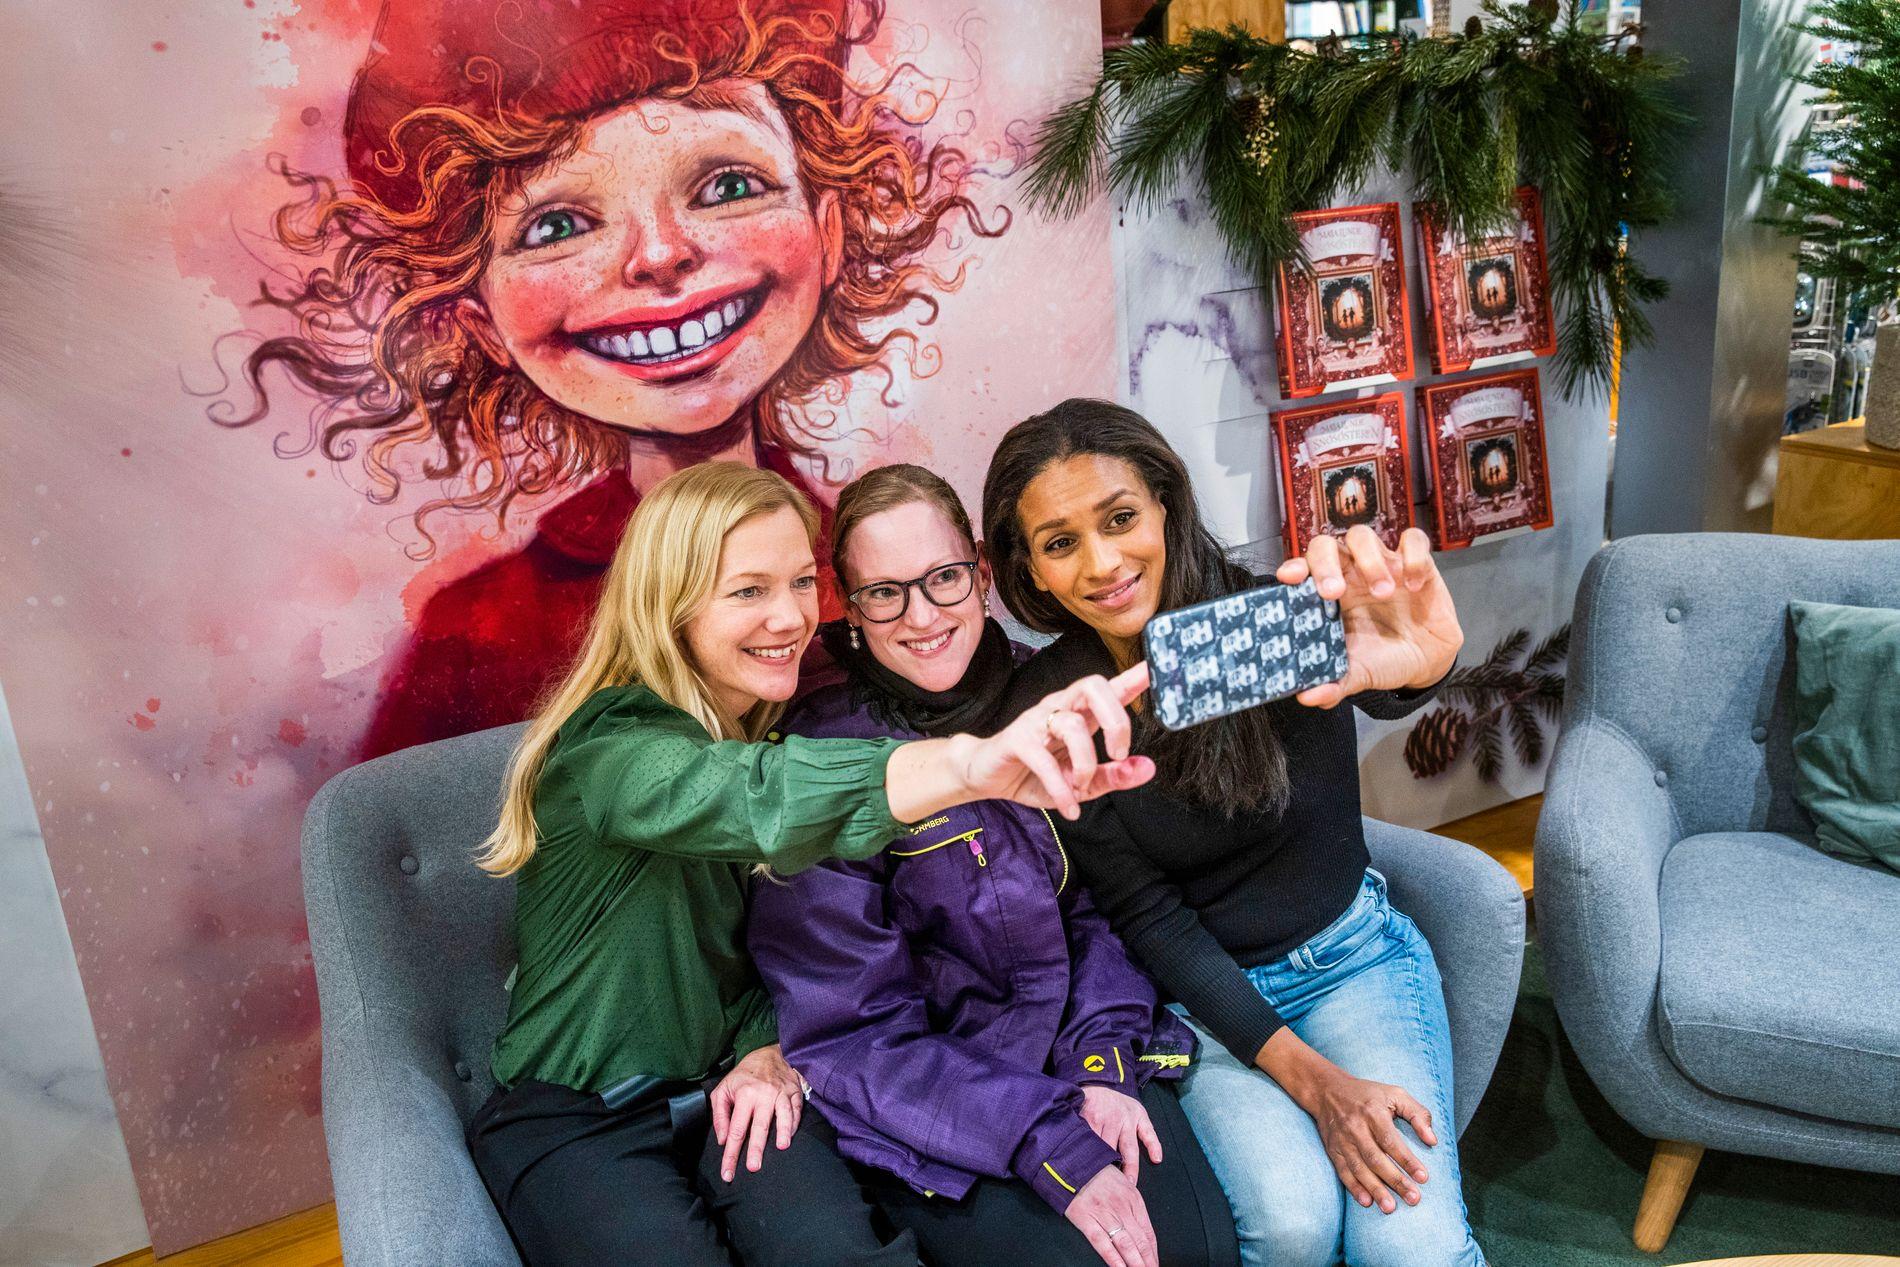 SELFIE-TIME: Det var mange voksne som kjøpte «Snøsøsteren» til seg selv i julegave da Maja Lunde og Lisa Aisato signerte bøker på Tanum på Karl Johan onsdag. Janne Cecilie Bjerkeland ville ha selfie sammen med Maja og Lisa.